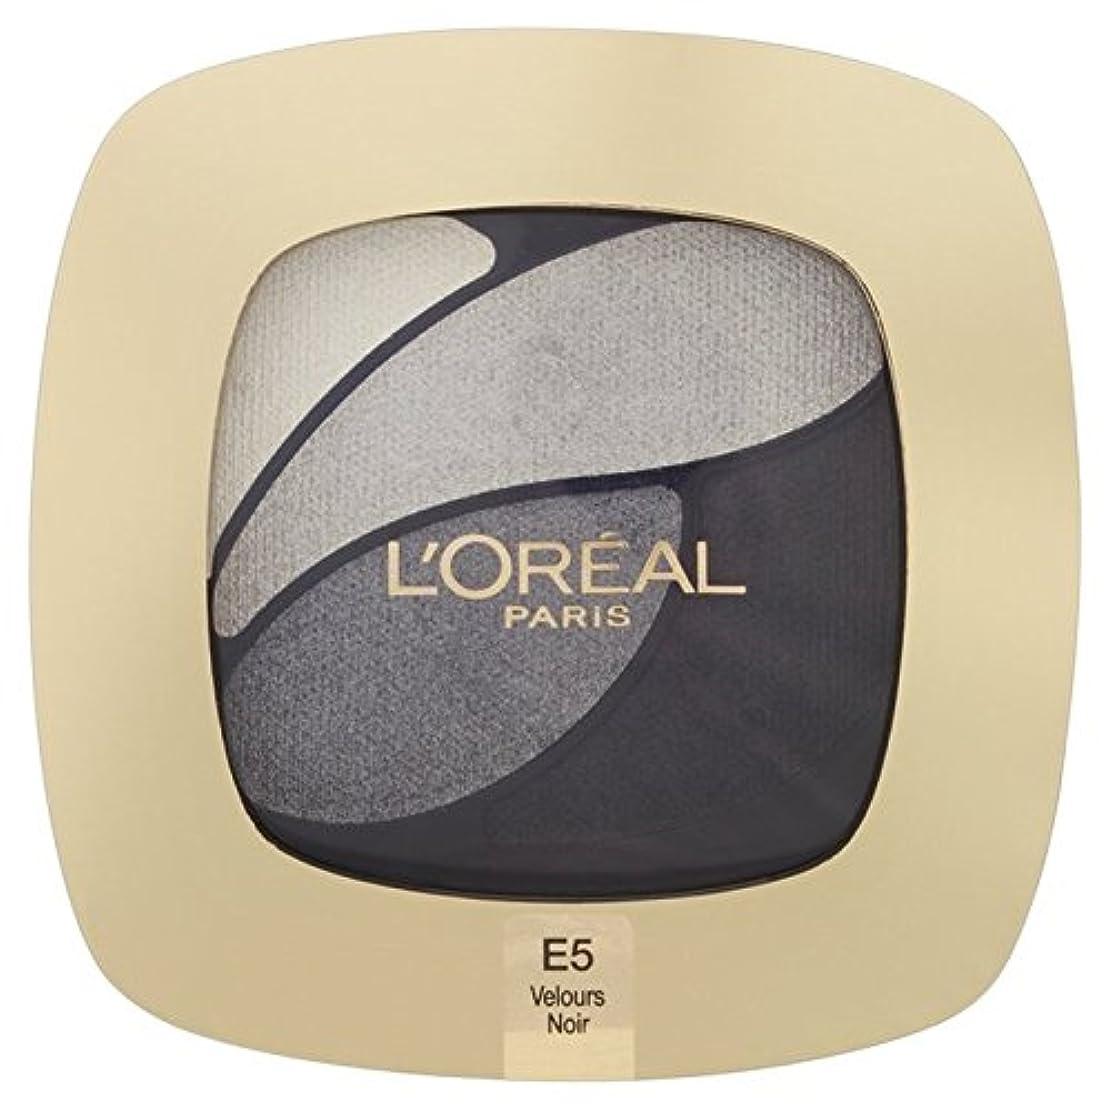 ものアサート不純L'Oreal Paris Color Riche Quad, E5 Incredible Grey 30g - ロレアルパリのカラーリッシュクワッド、5信じられないほどの灰色の30グラム [並行輸入品]